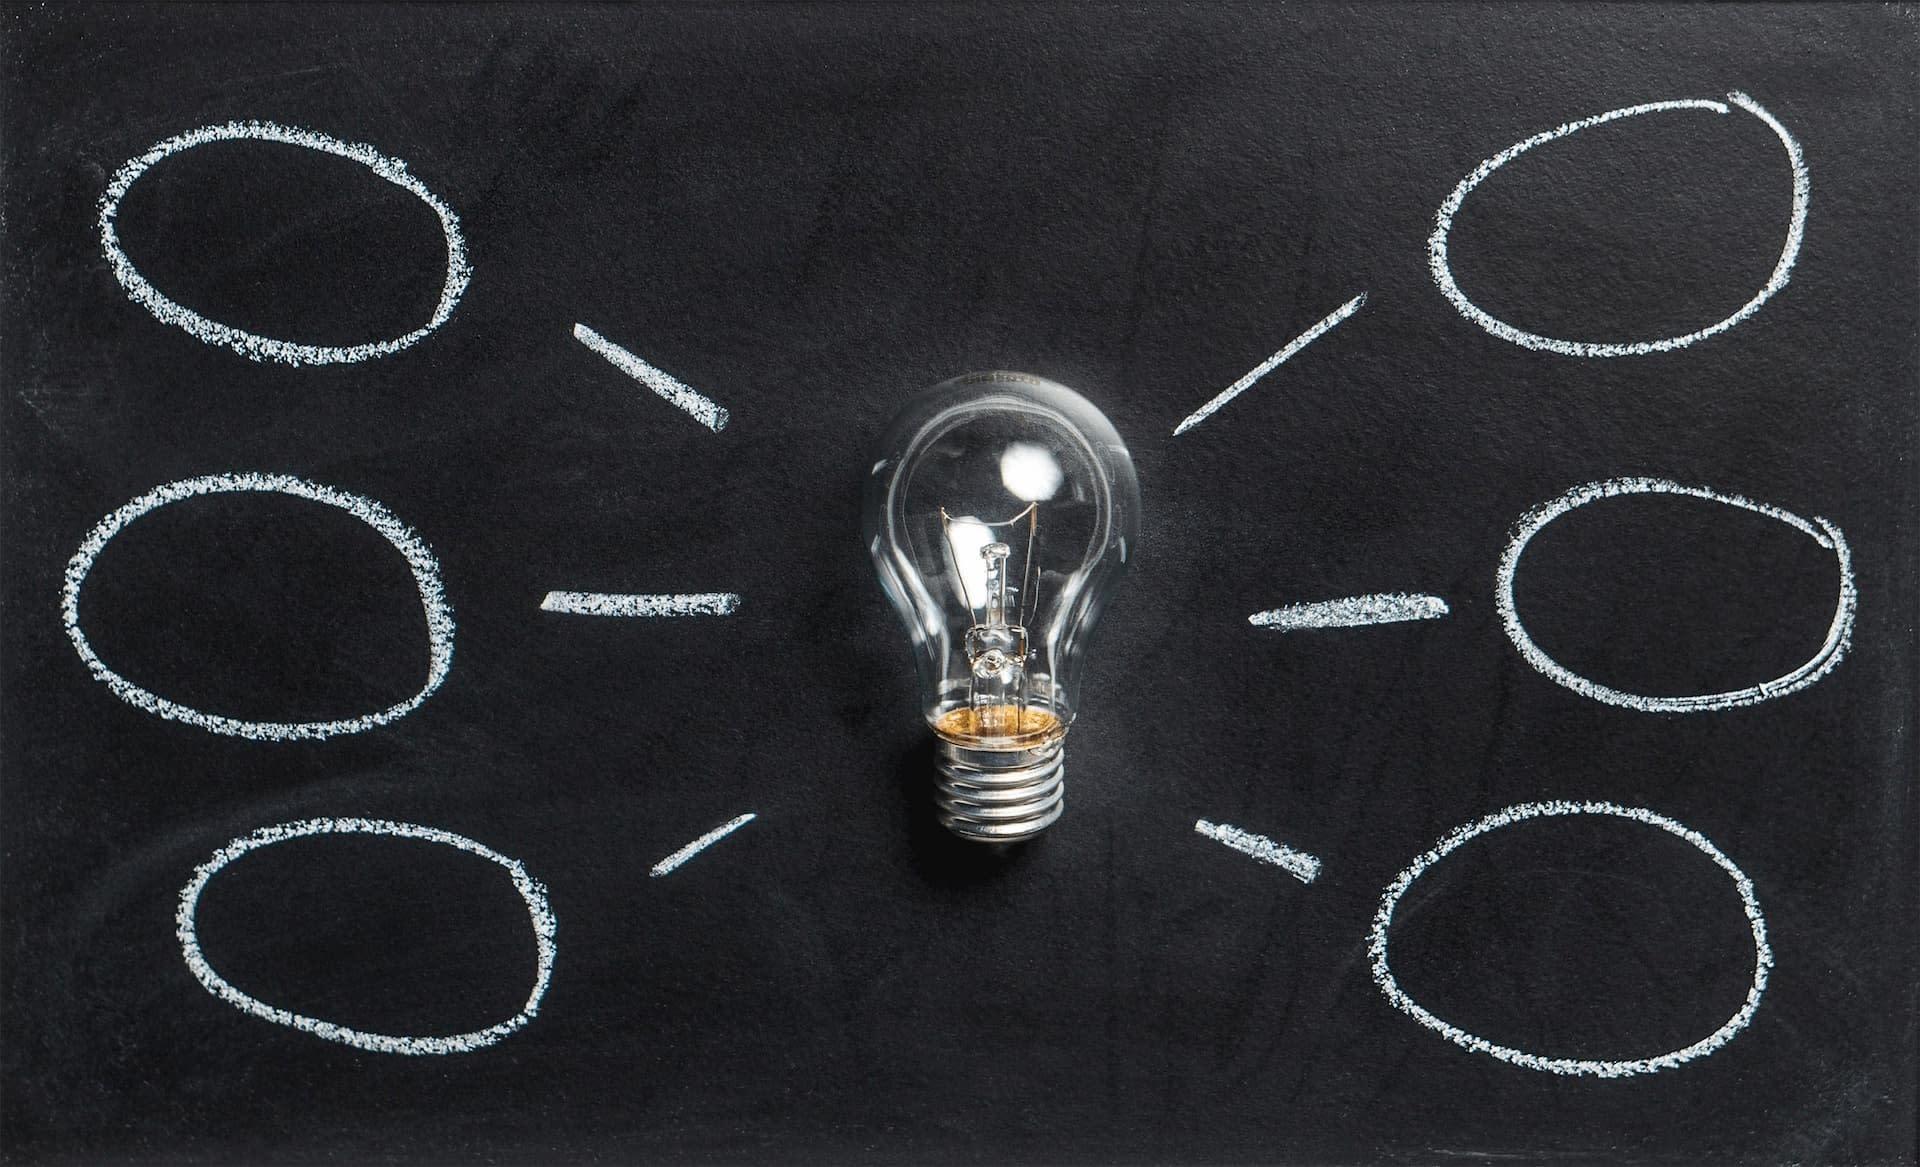 — The Ideas Exchange